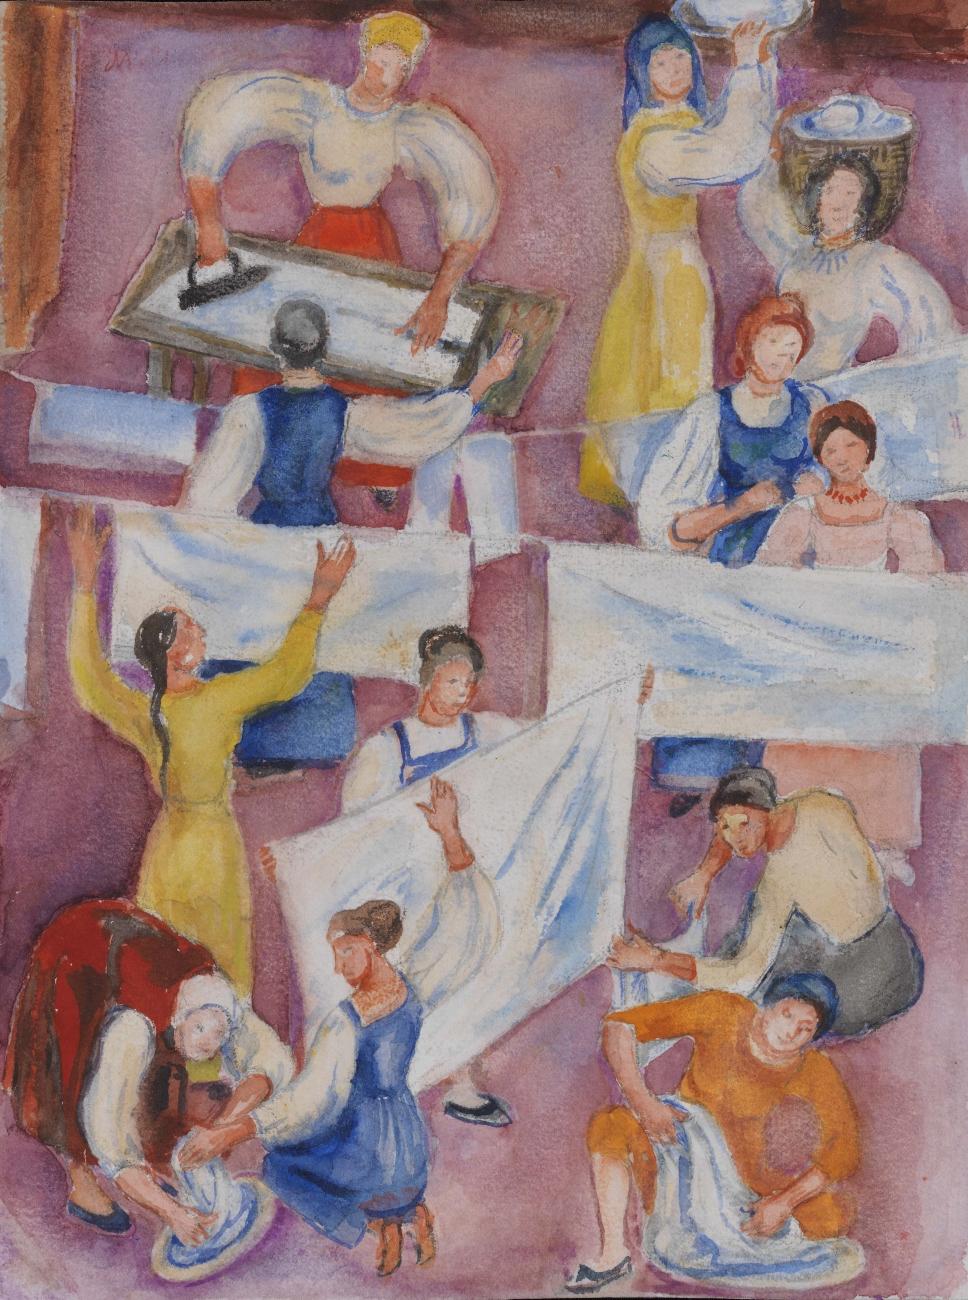 Washerwomen, 1971 - Maria Sinyakova